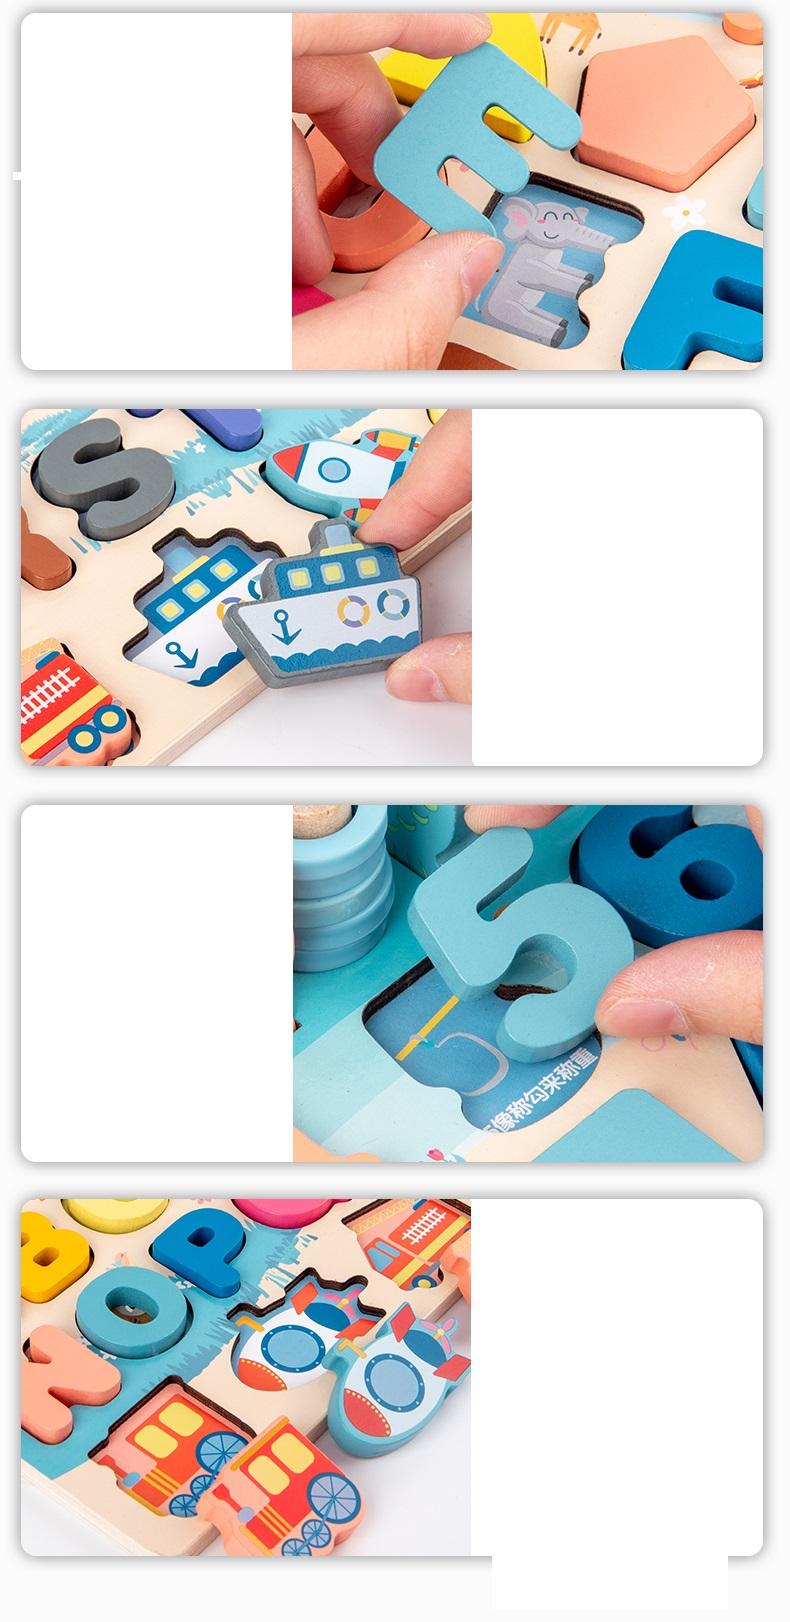 Bộ Đồ Chơi Gỗ Xếp Khối, Giáo Cụ Montessori Ghép chữ, Ghép số, Câu Cá, Xếp Khối, Ghép Hình - 6 trong 1